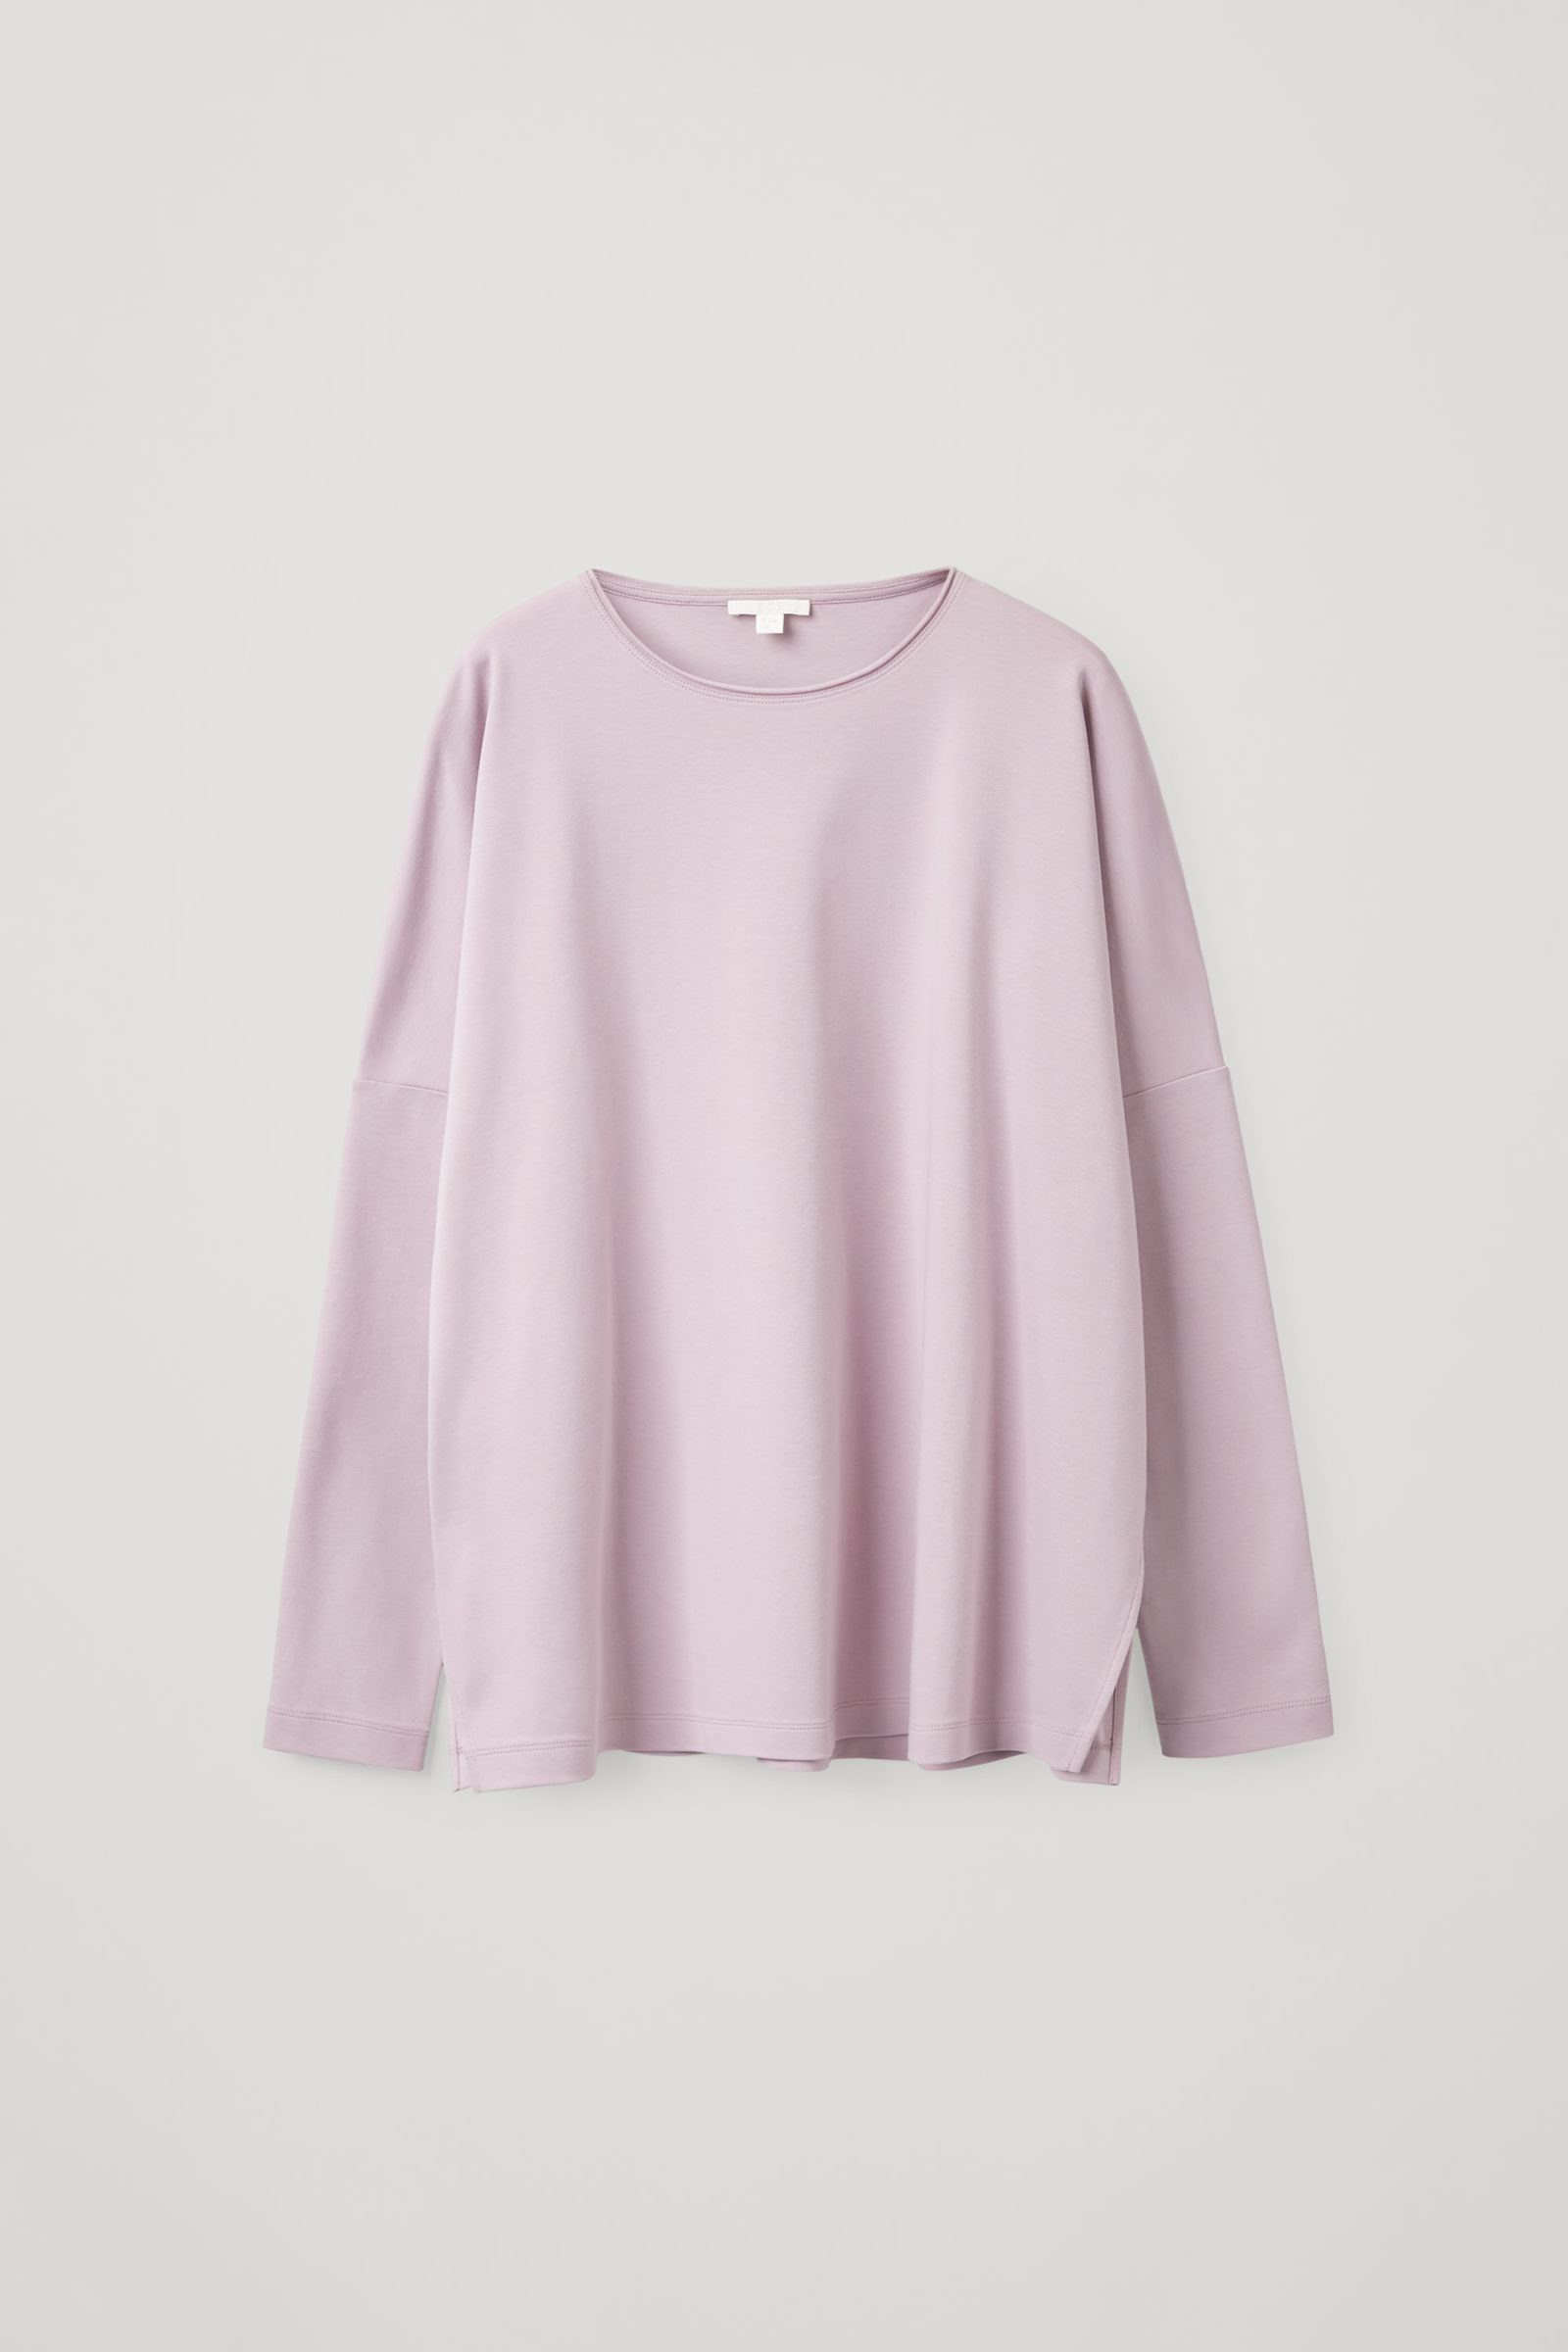 COS 롱 슬리브 티셔츠의 라일락컬러 Product입니다.